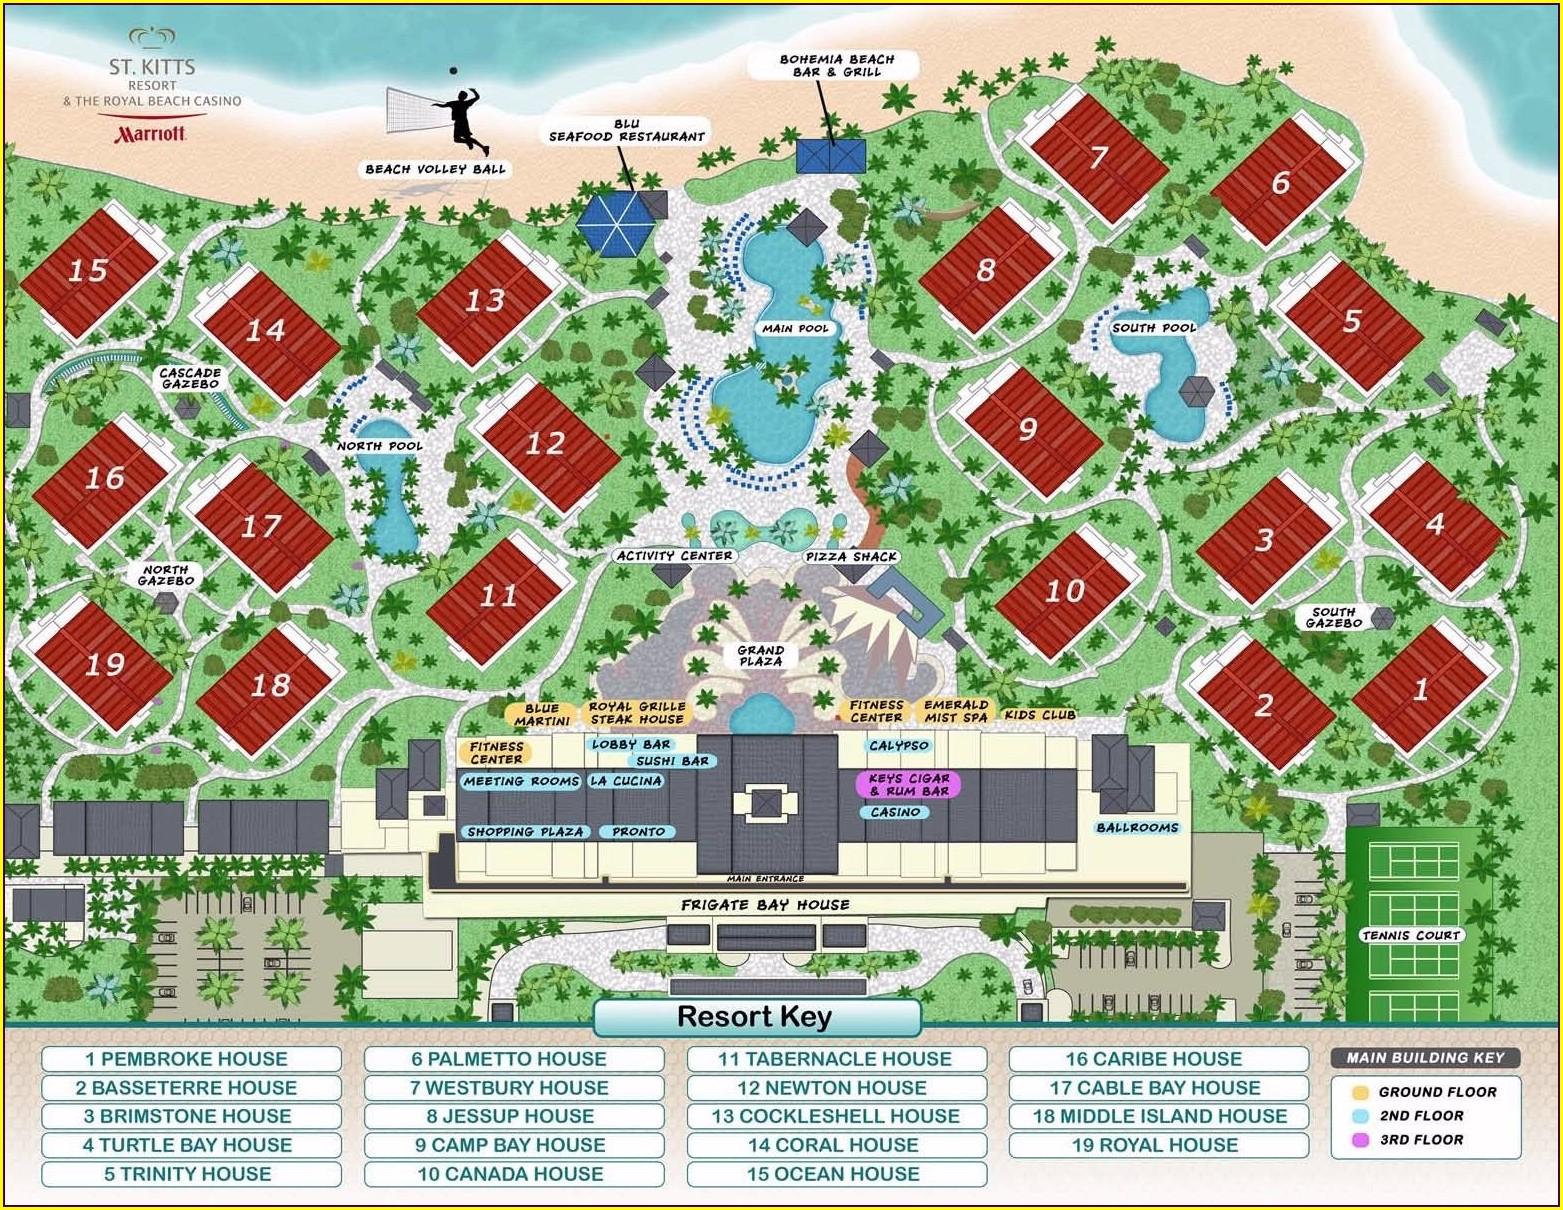 Marriott St Kitts Resort Map